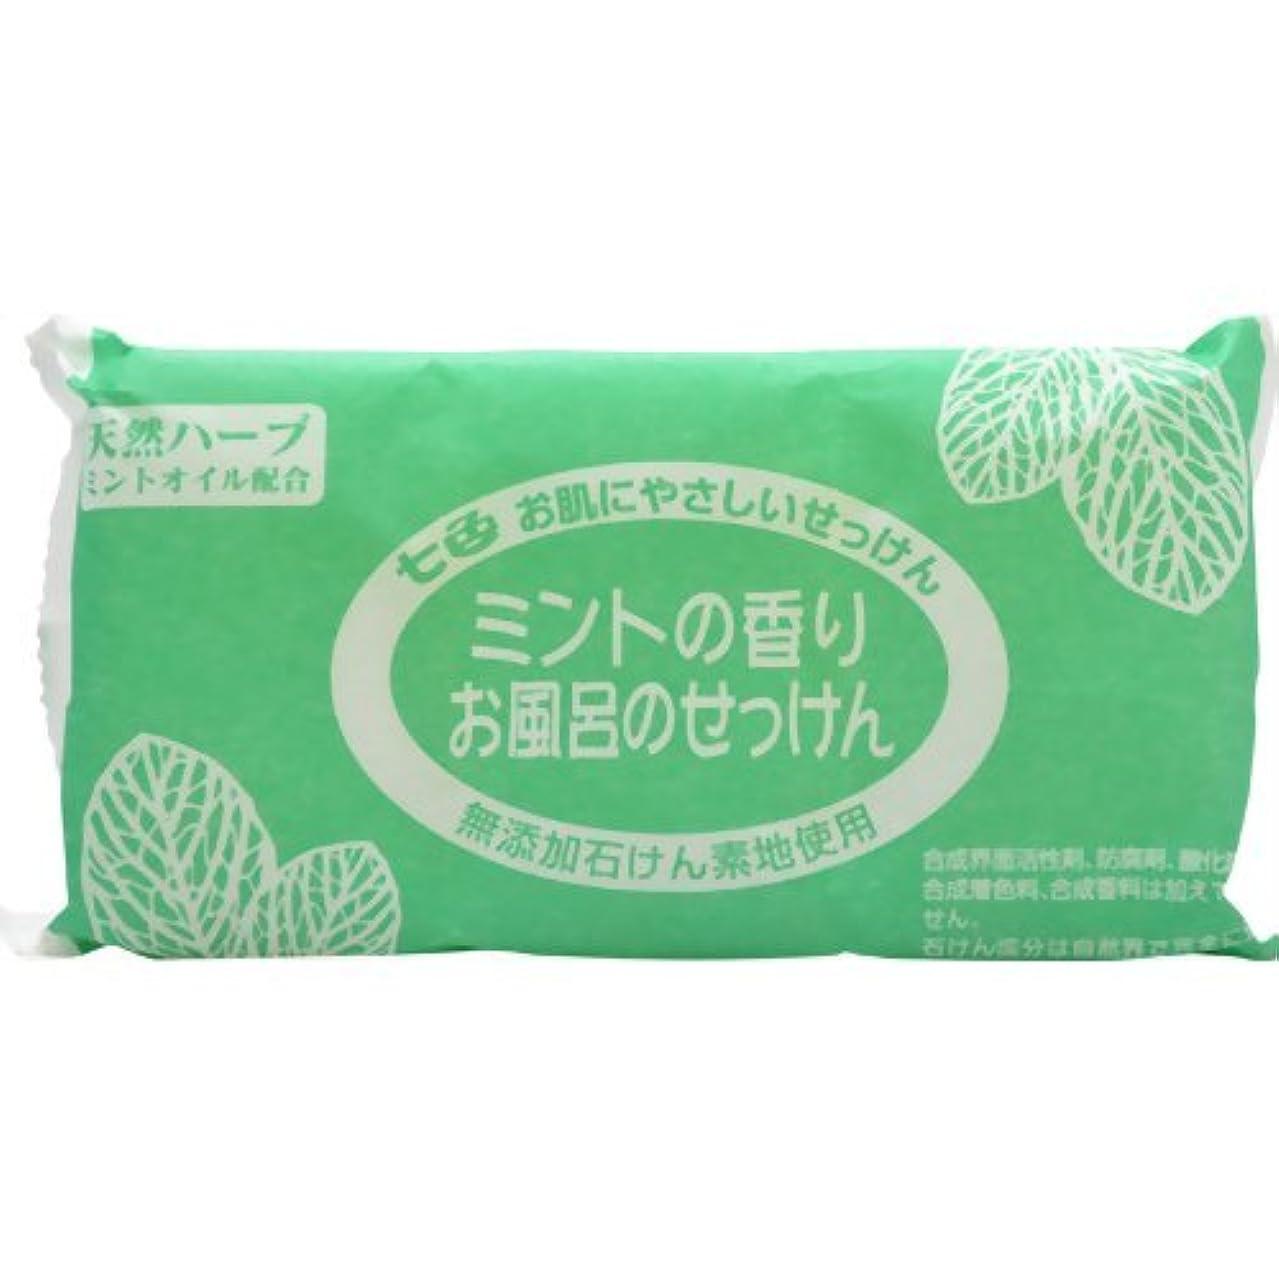 蛇行創始者キャッチ七色 お風呂のせっけん ミントの香り(無添加石鹸) 100g×3個入